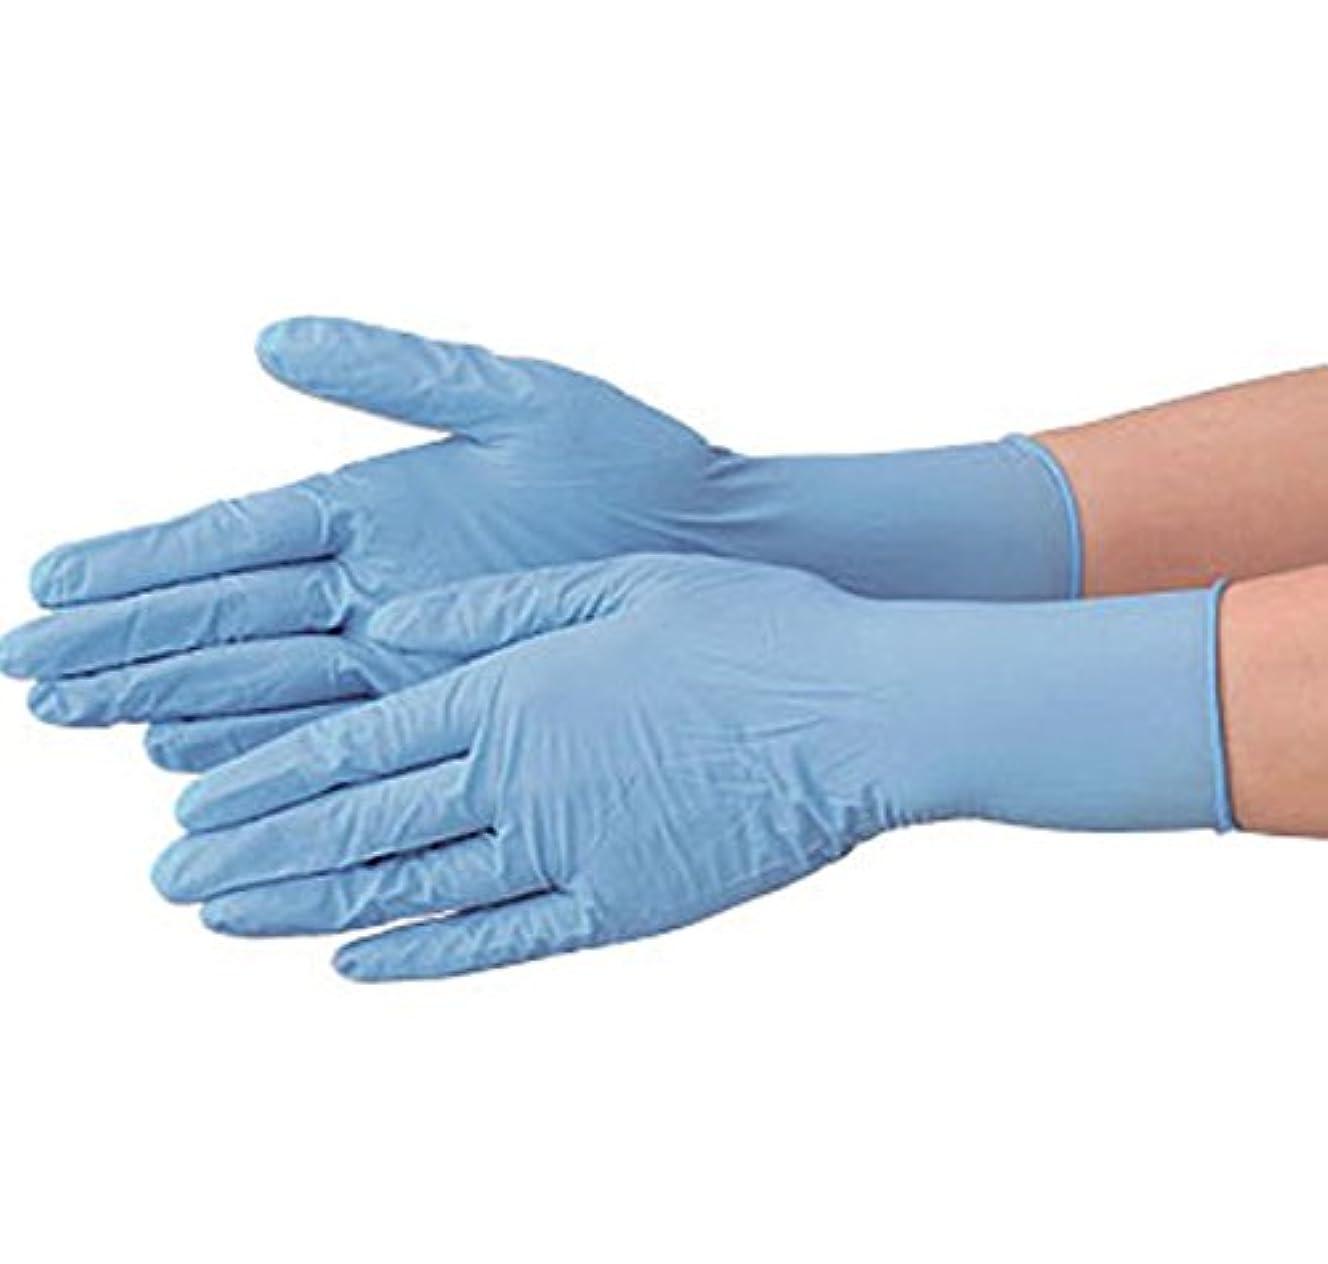 解体する煙突有効化使い捨て 手袋 エブノ 575 ニトリルNEOプラス ブルー Lサイズ パウダーフリー 2ケース(100枚×40箱)